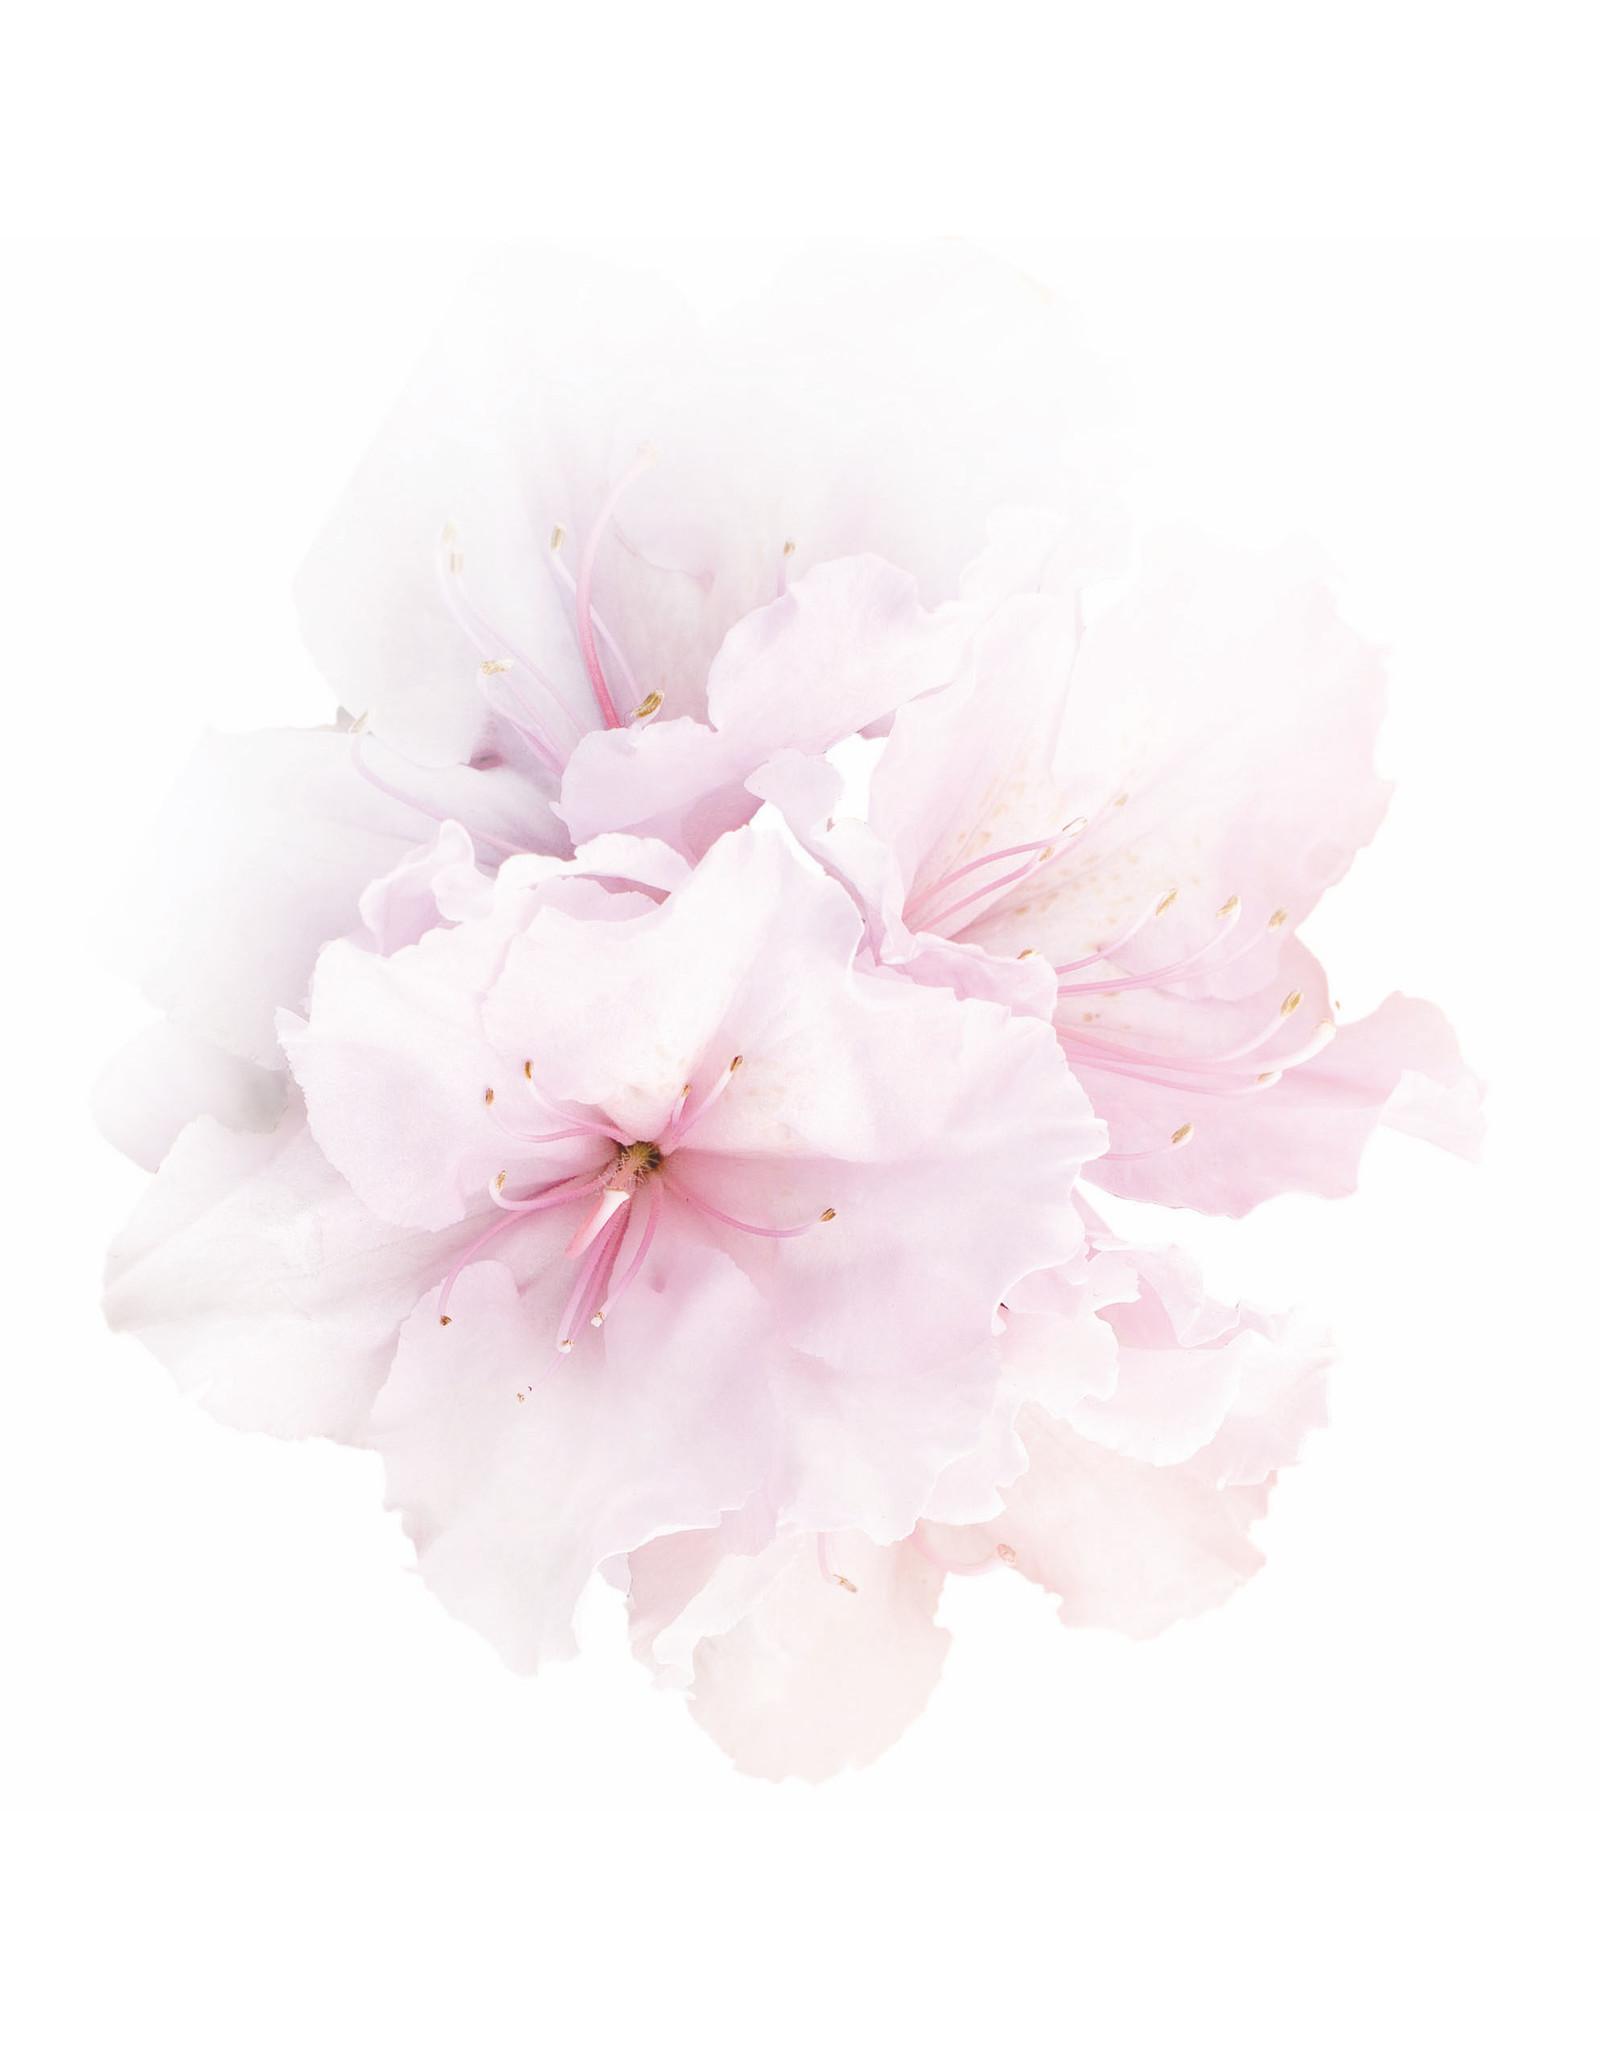 SOTHYS Crème douche - Fleur de cerisier et lotus - Sothys